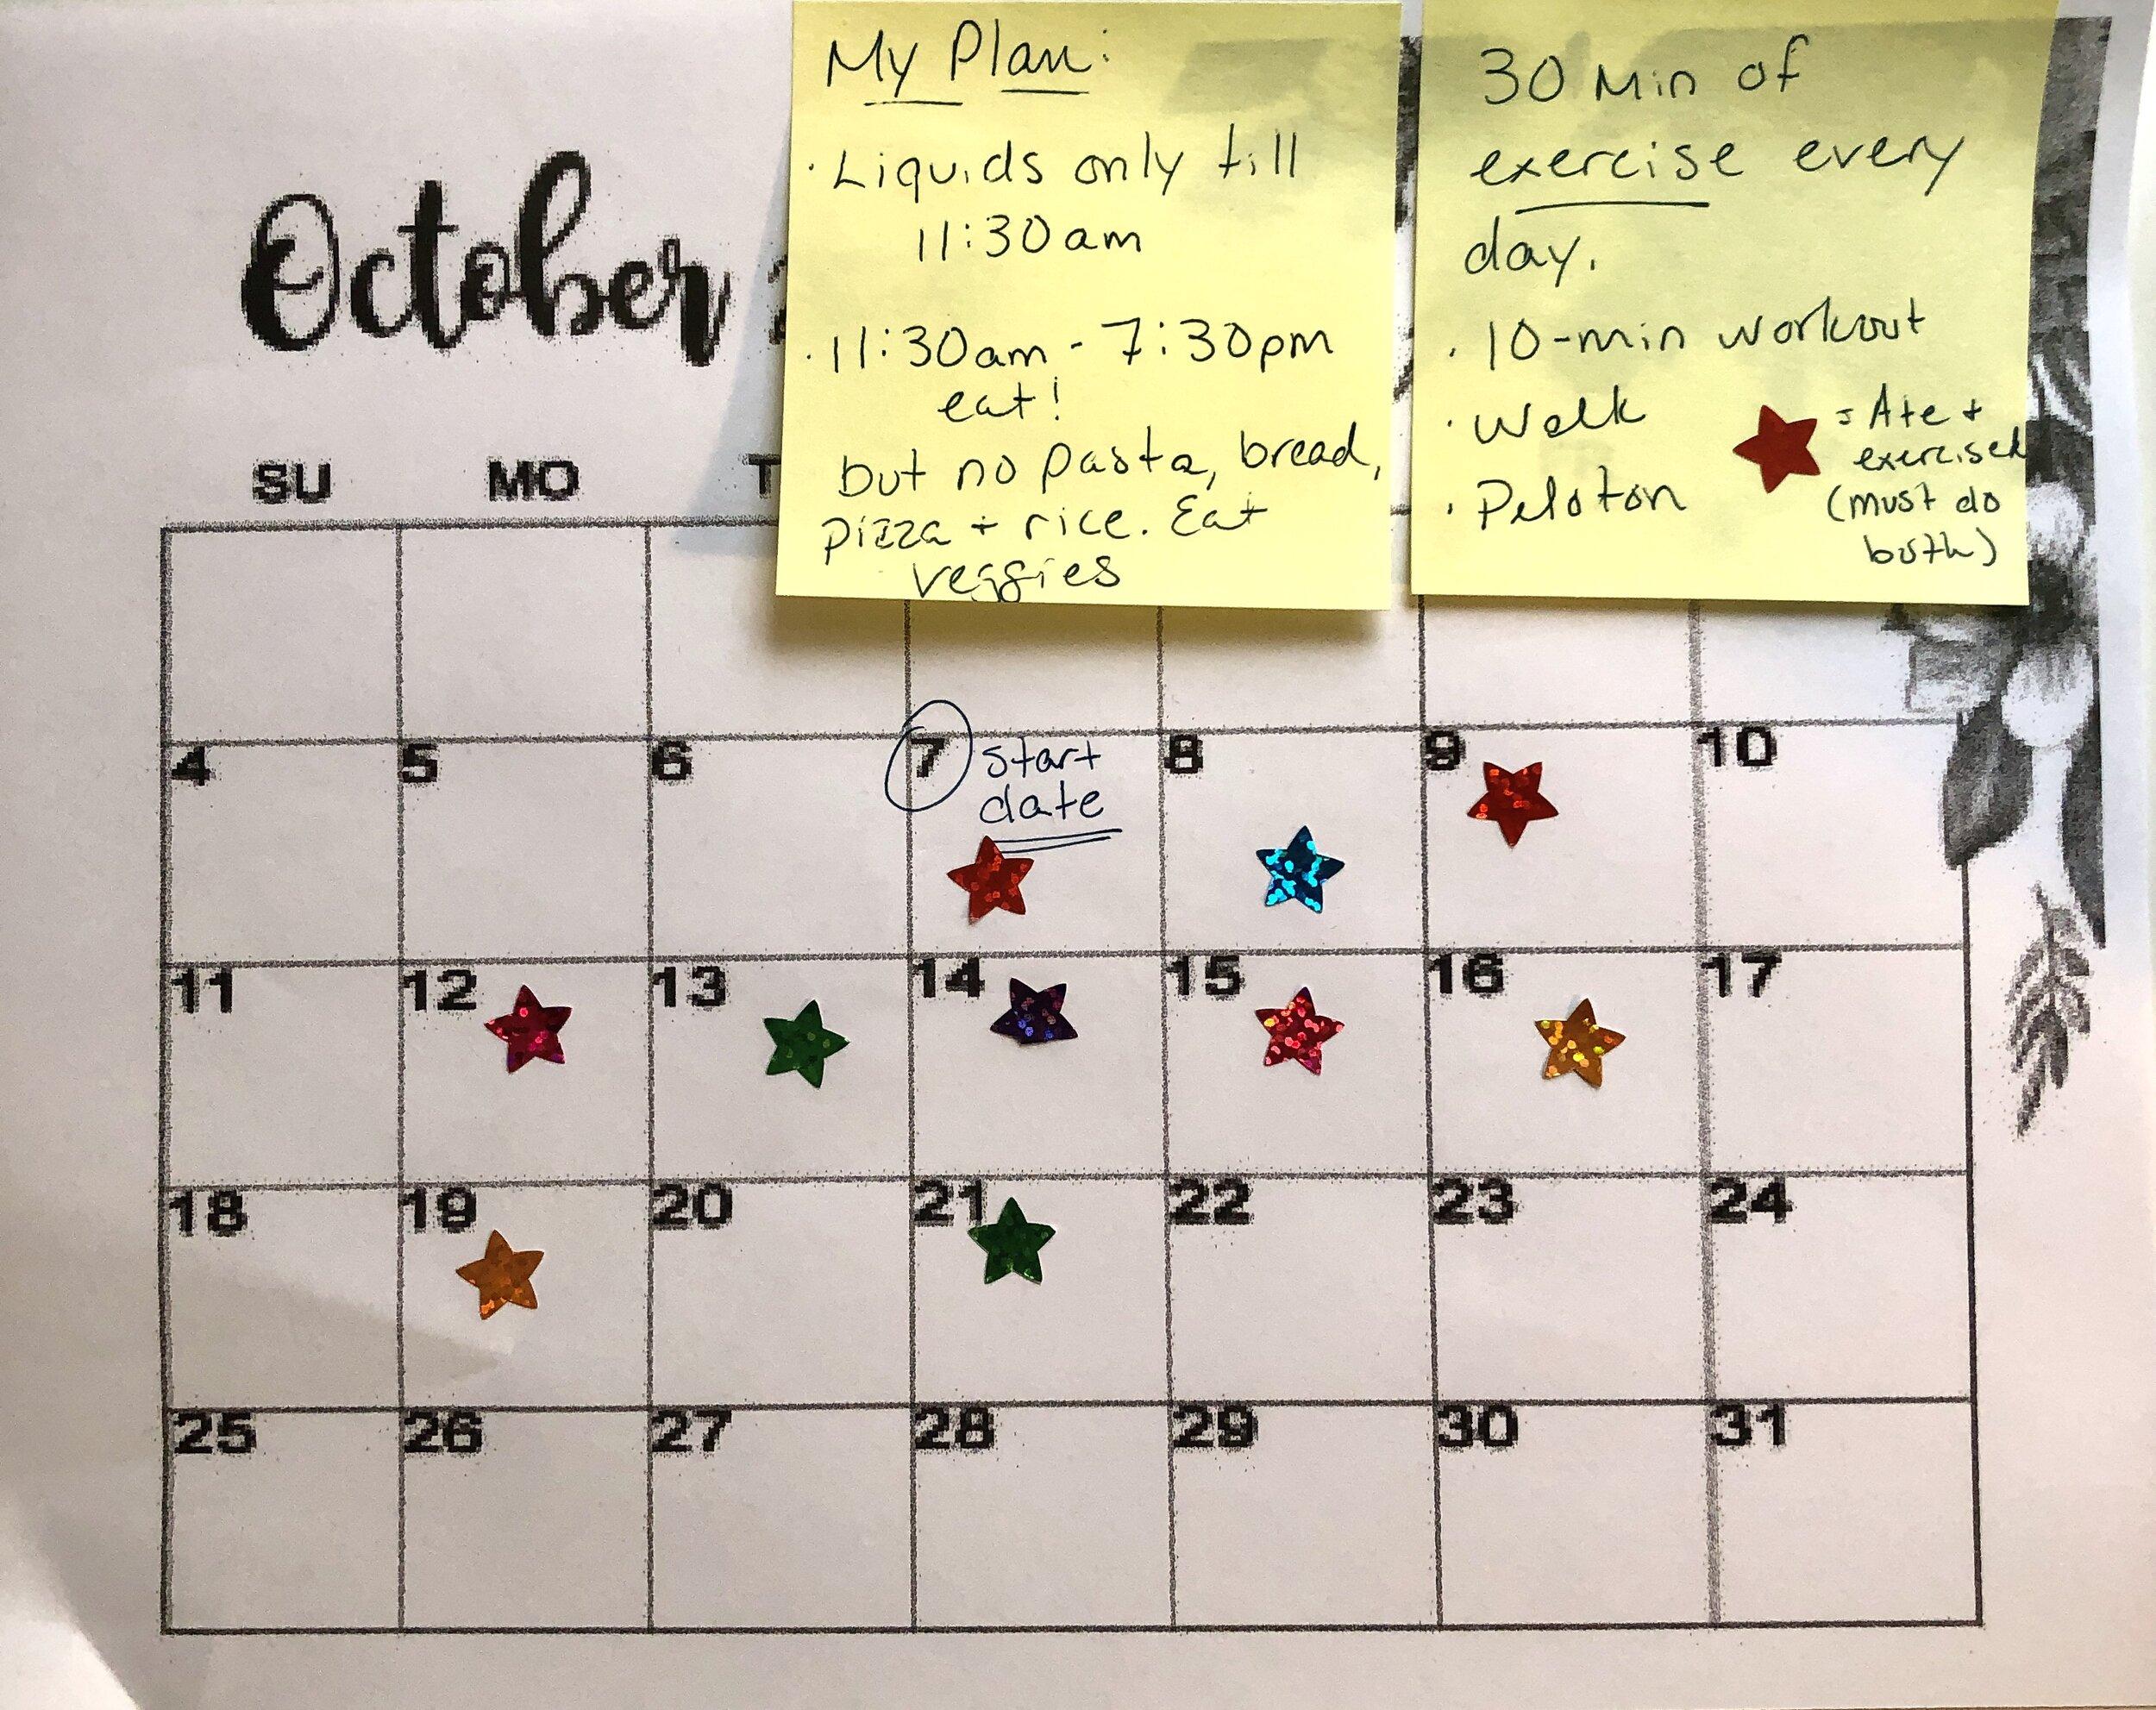 October_Calendar.jpg